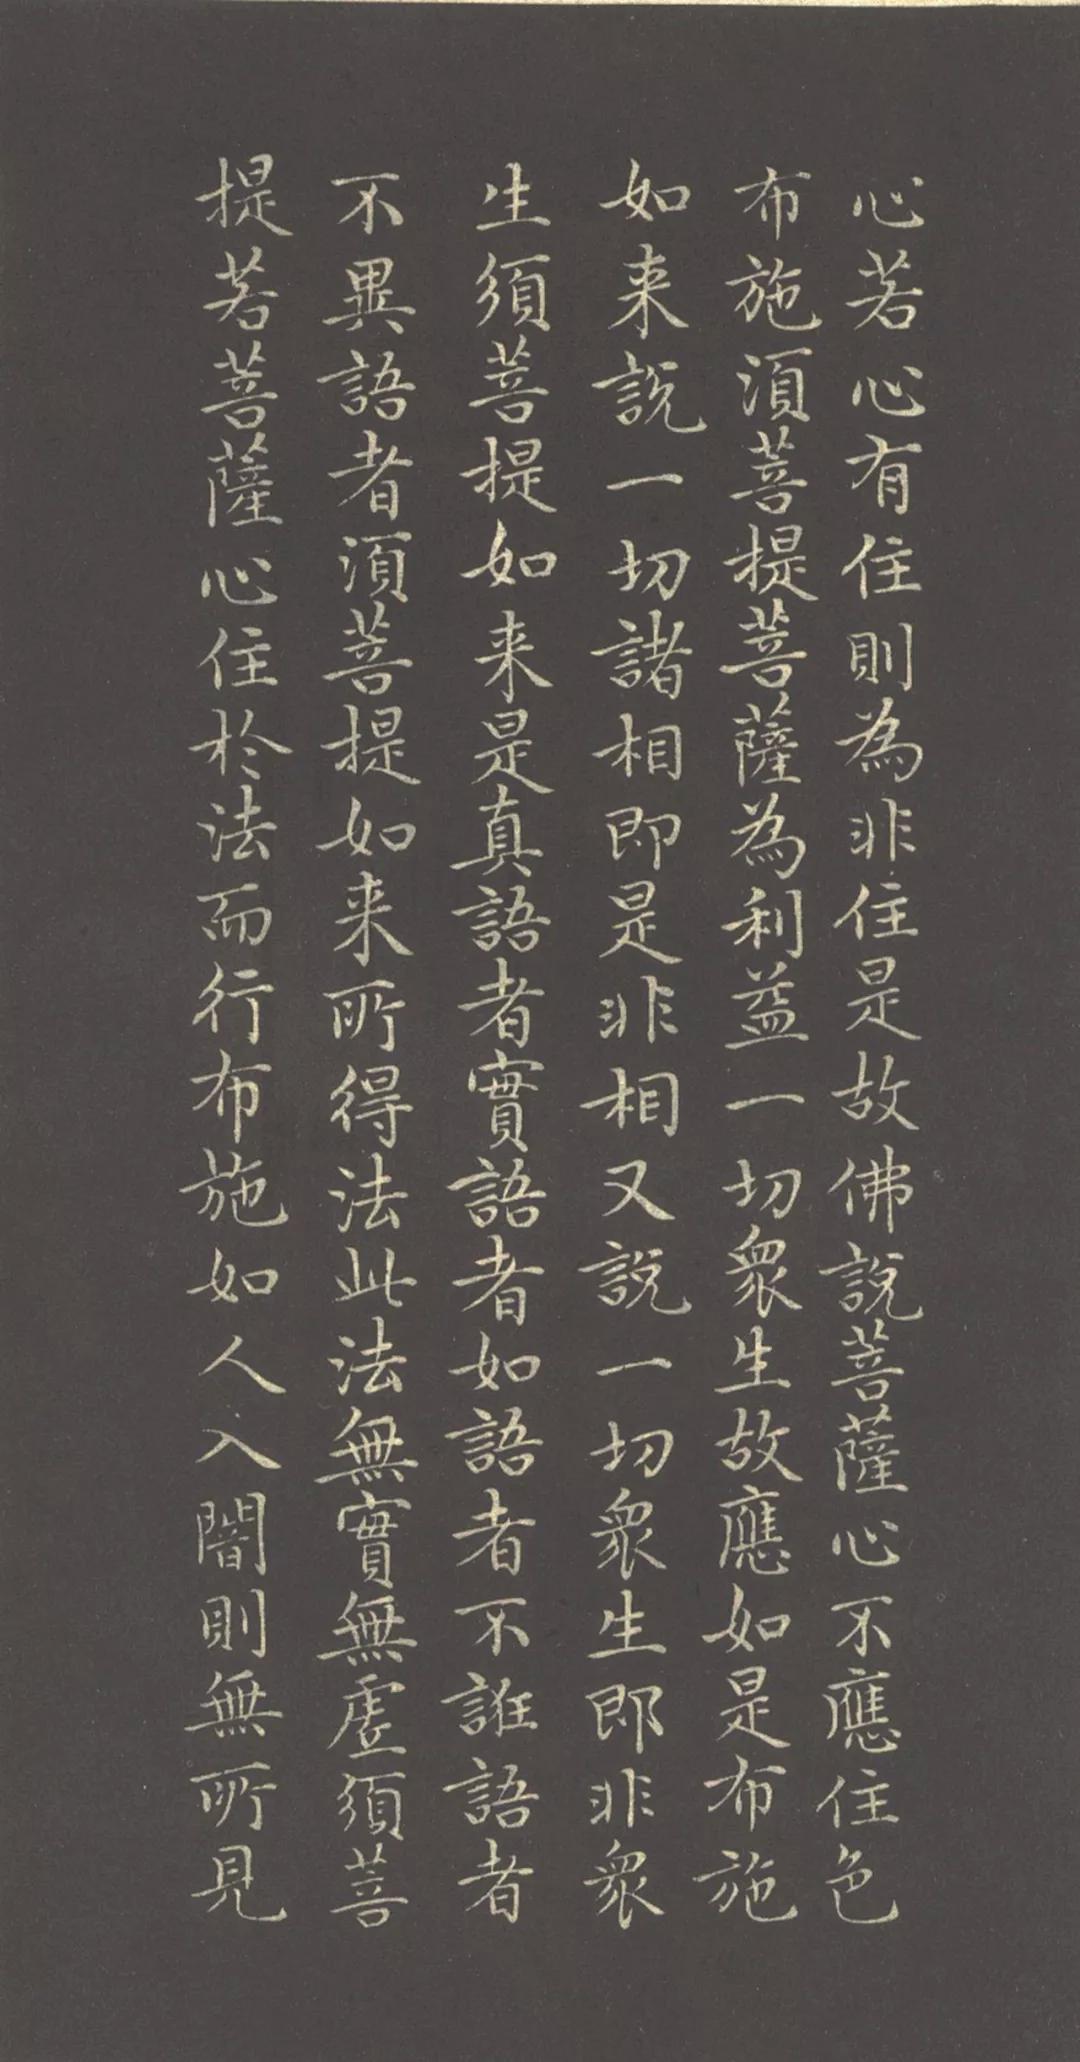 赵孟頫《小楷金刚经》两版欣赏